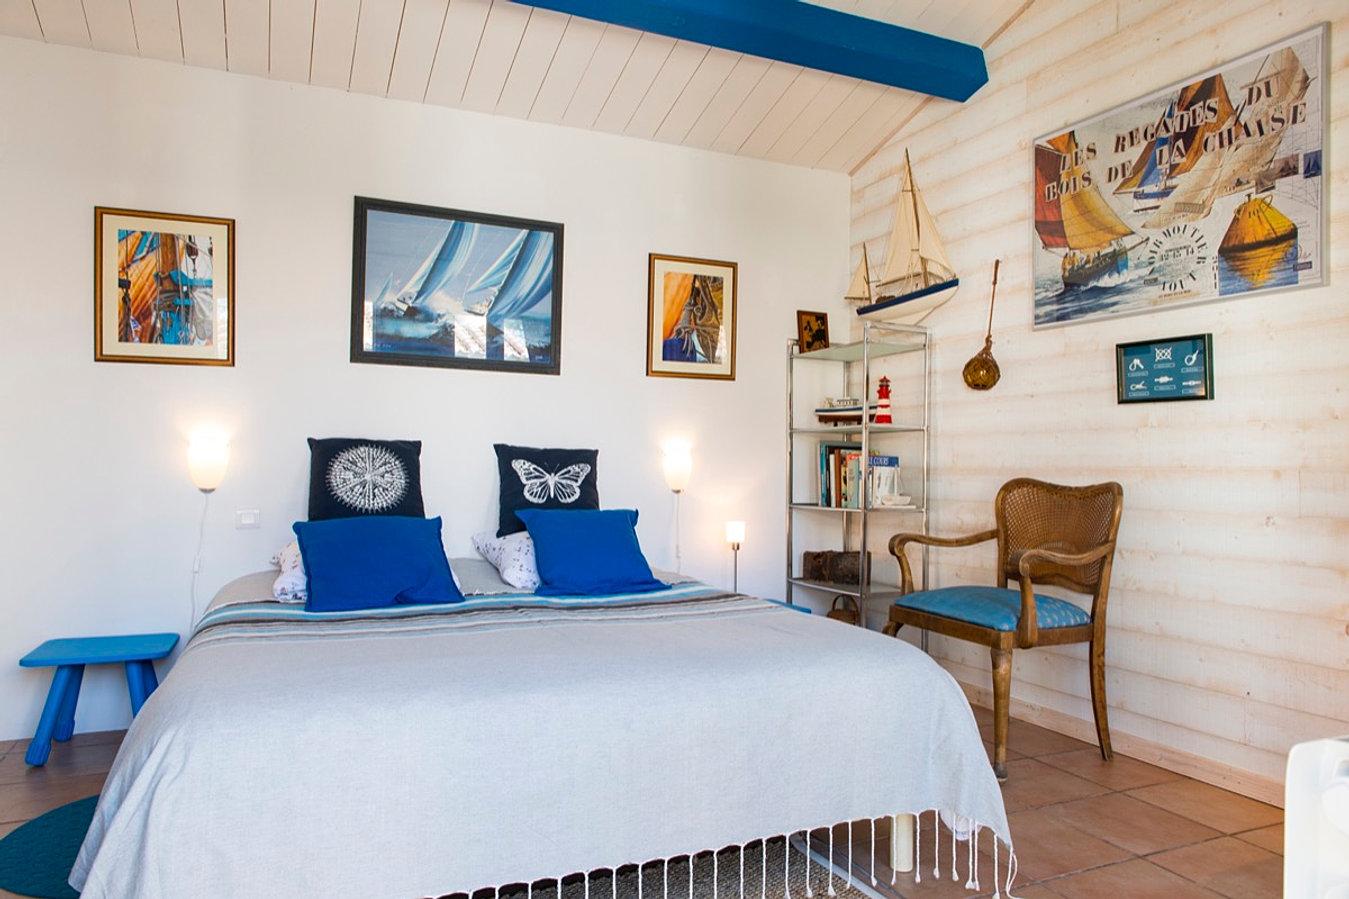 Chambres d'hôtes bed and breakfast à noirmoutier